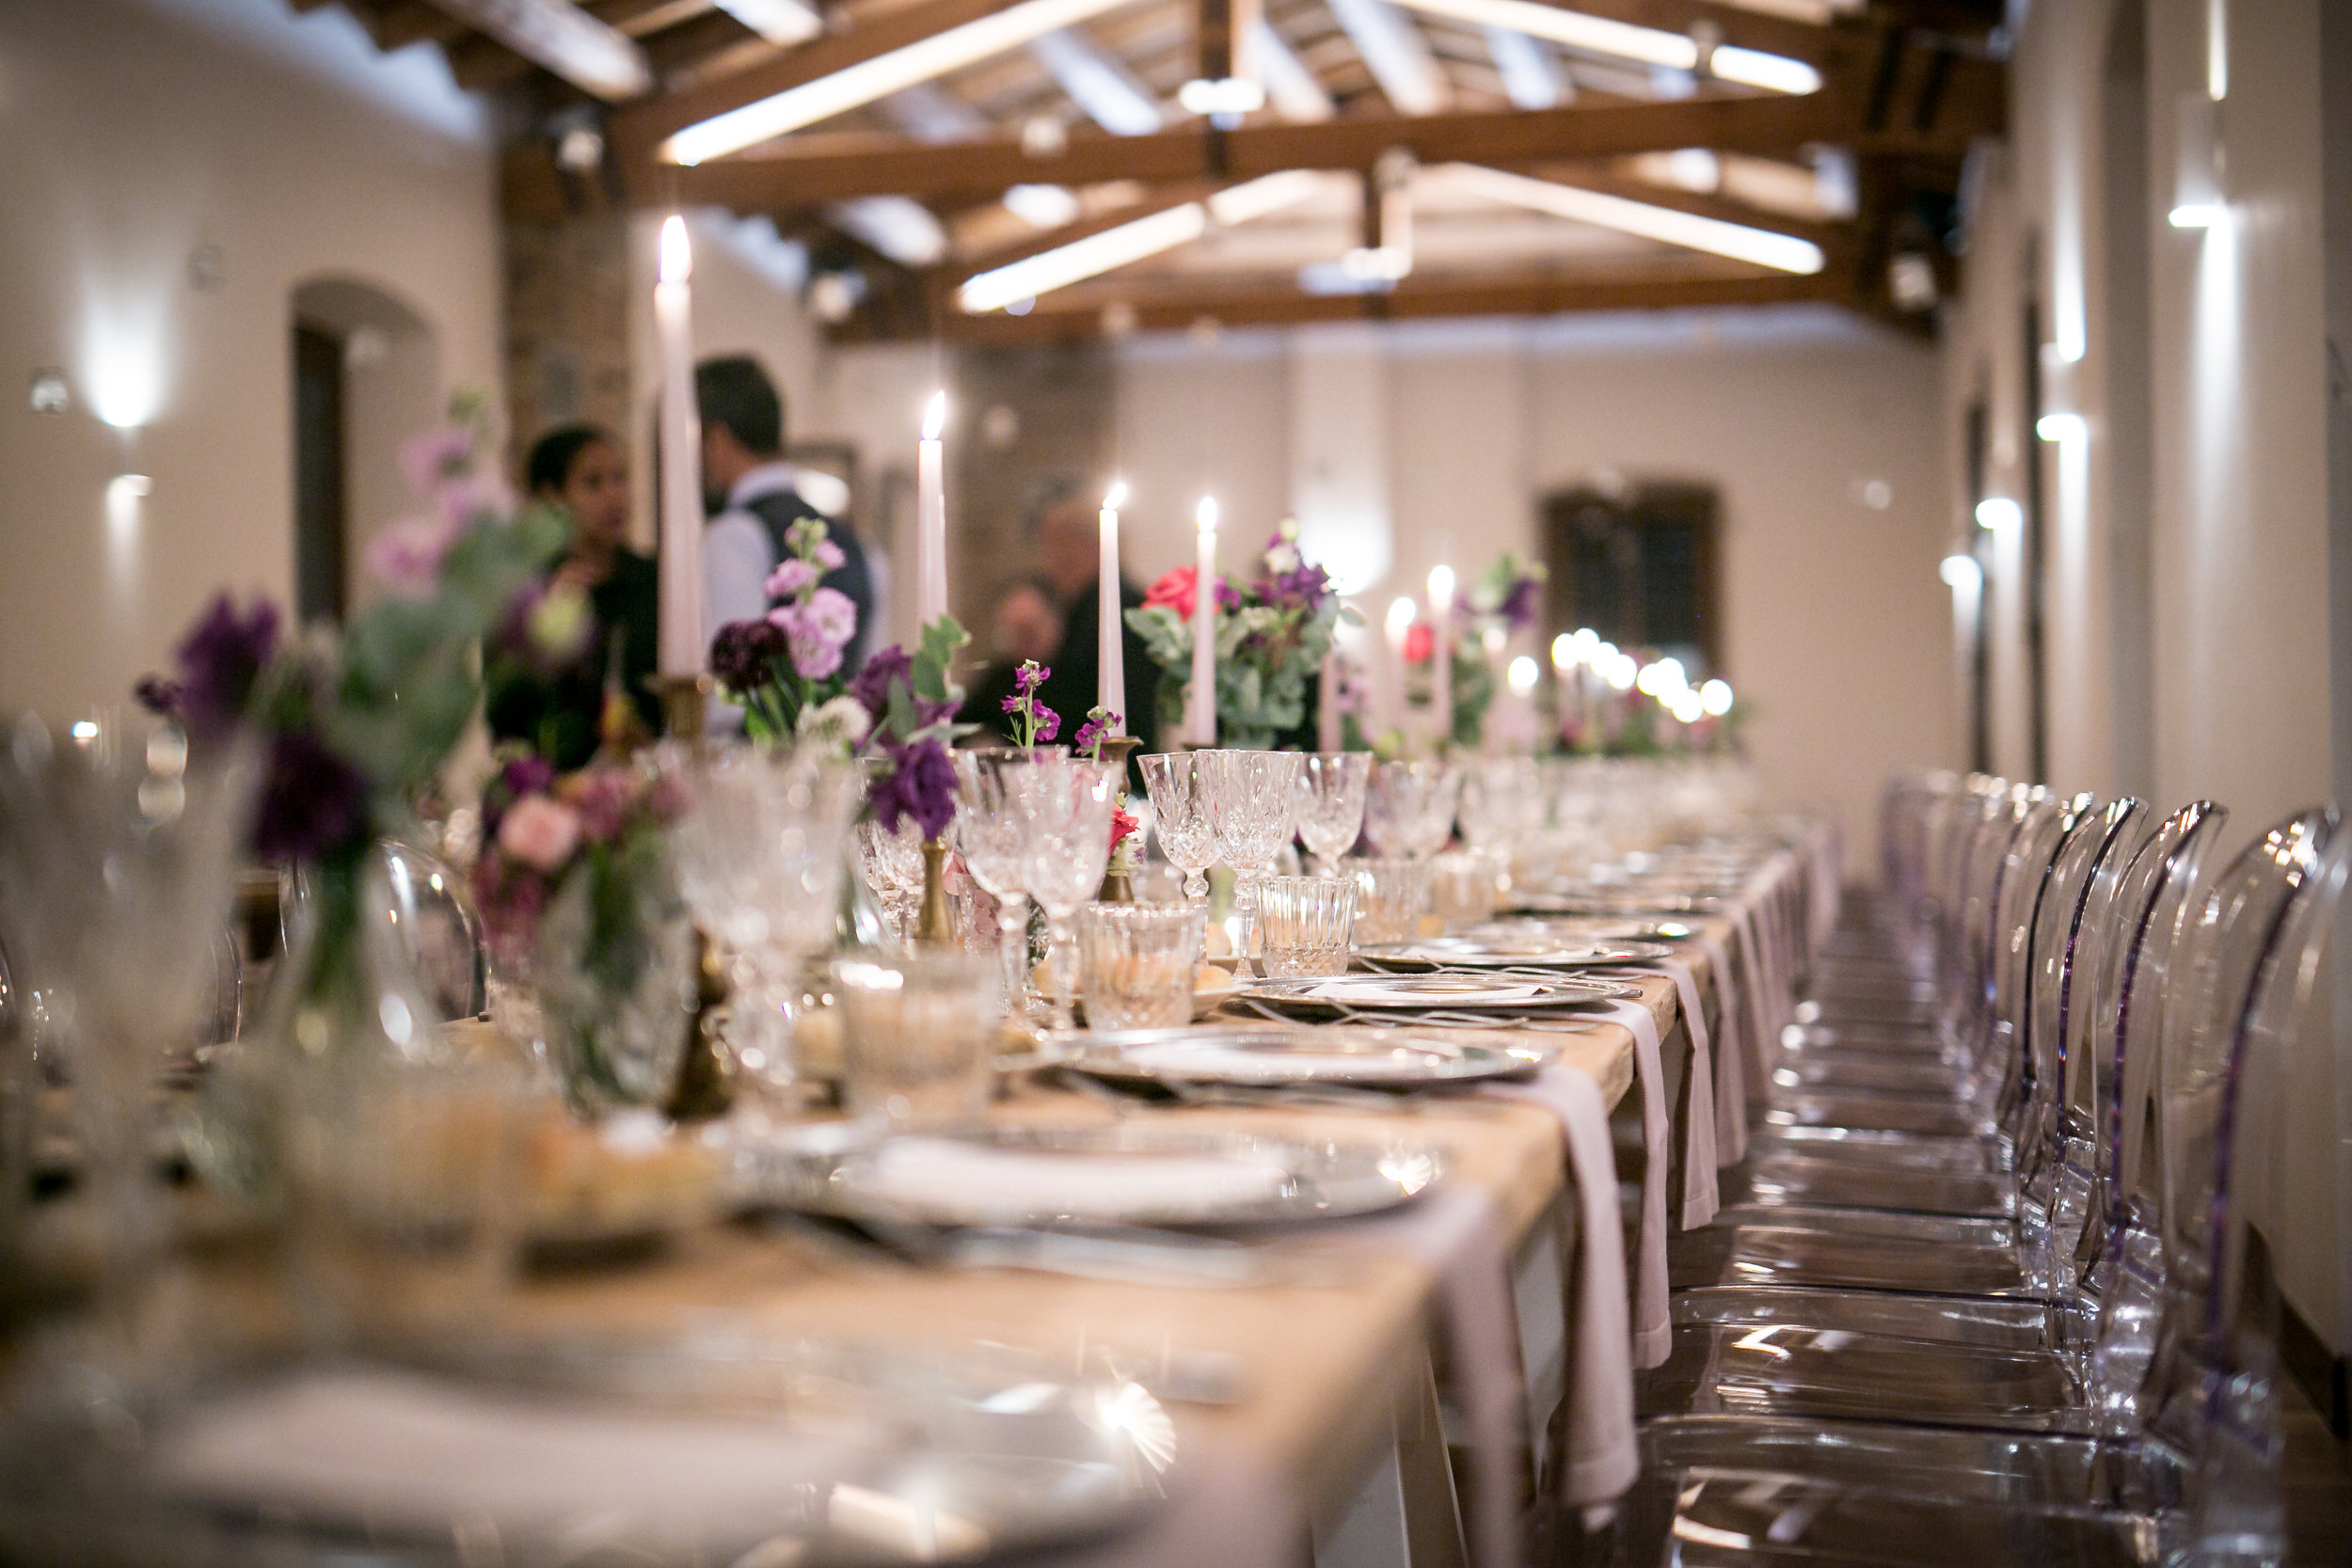 Il tavolo imperiale allestito nella sala interna al piano superiore della location.